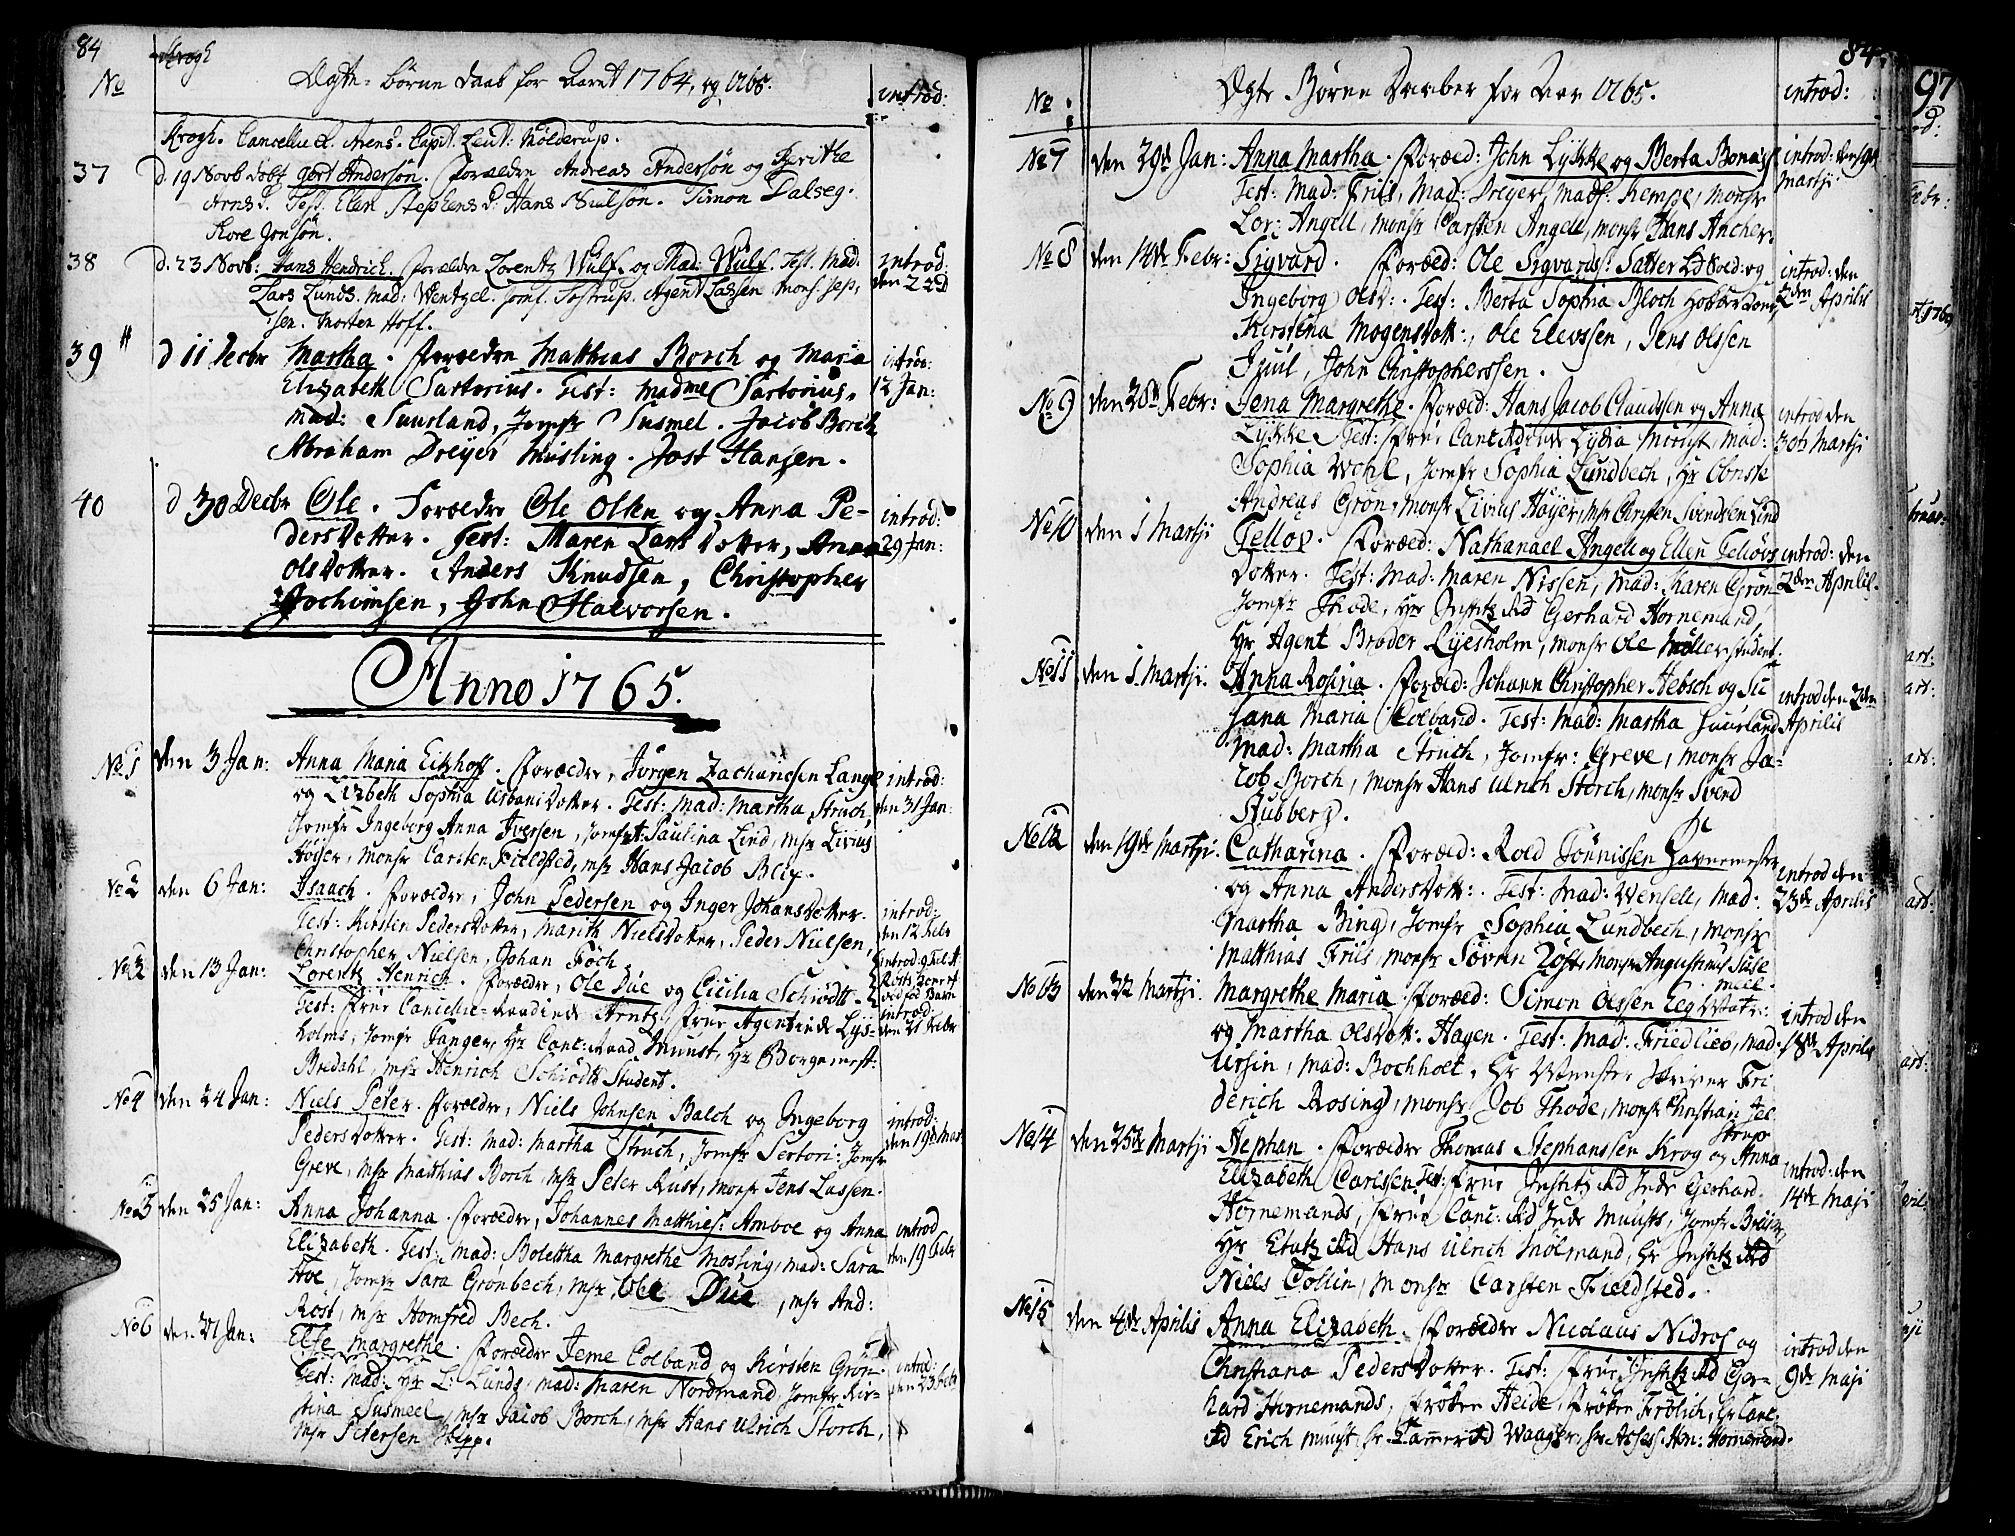 SAT, Ministerialprotokoller, klokkerbøker og fødselsregistre - Sør-Trøndelag, 602/L0103: Ministerialbok nr. 602A01, 1732-1774, s. 84